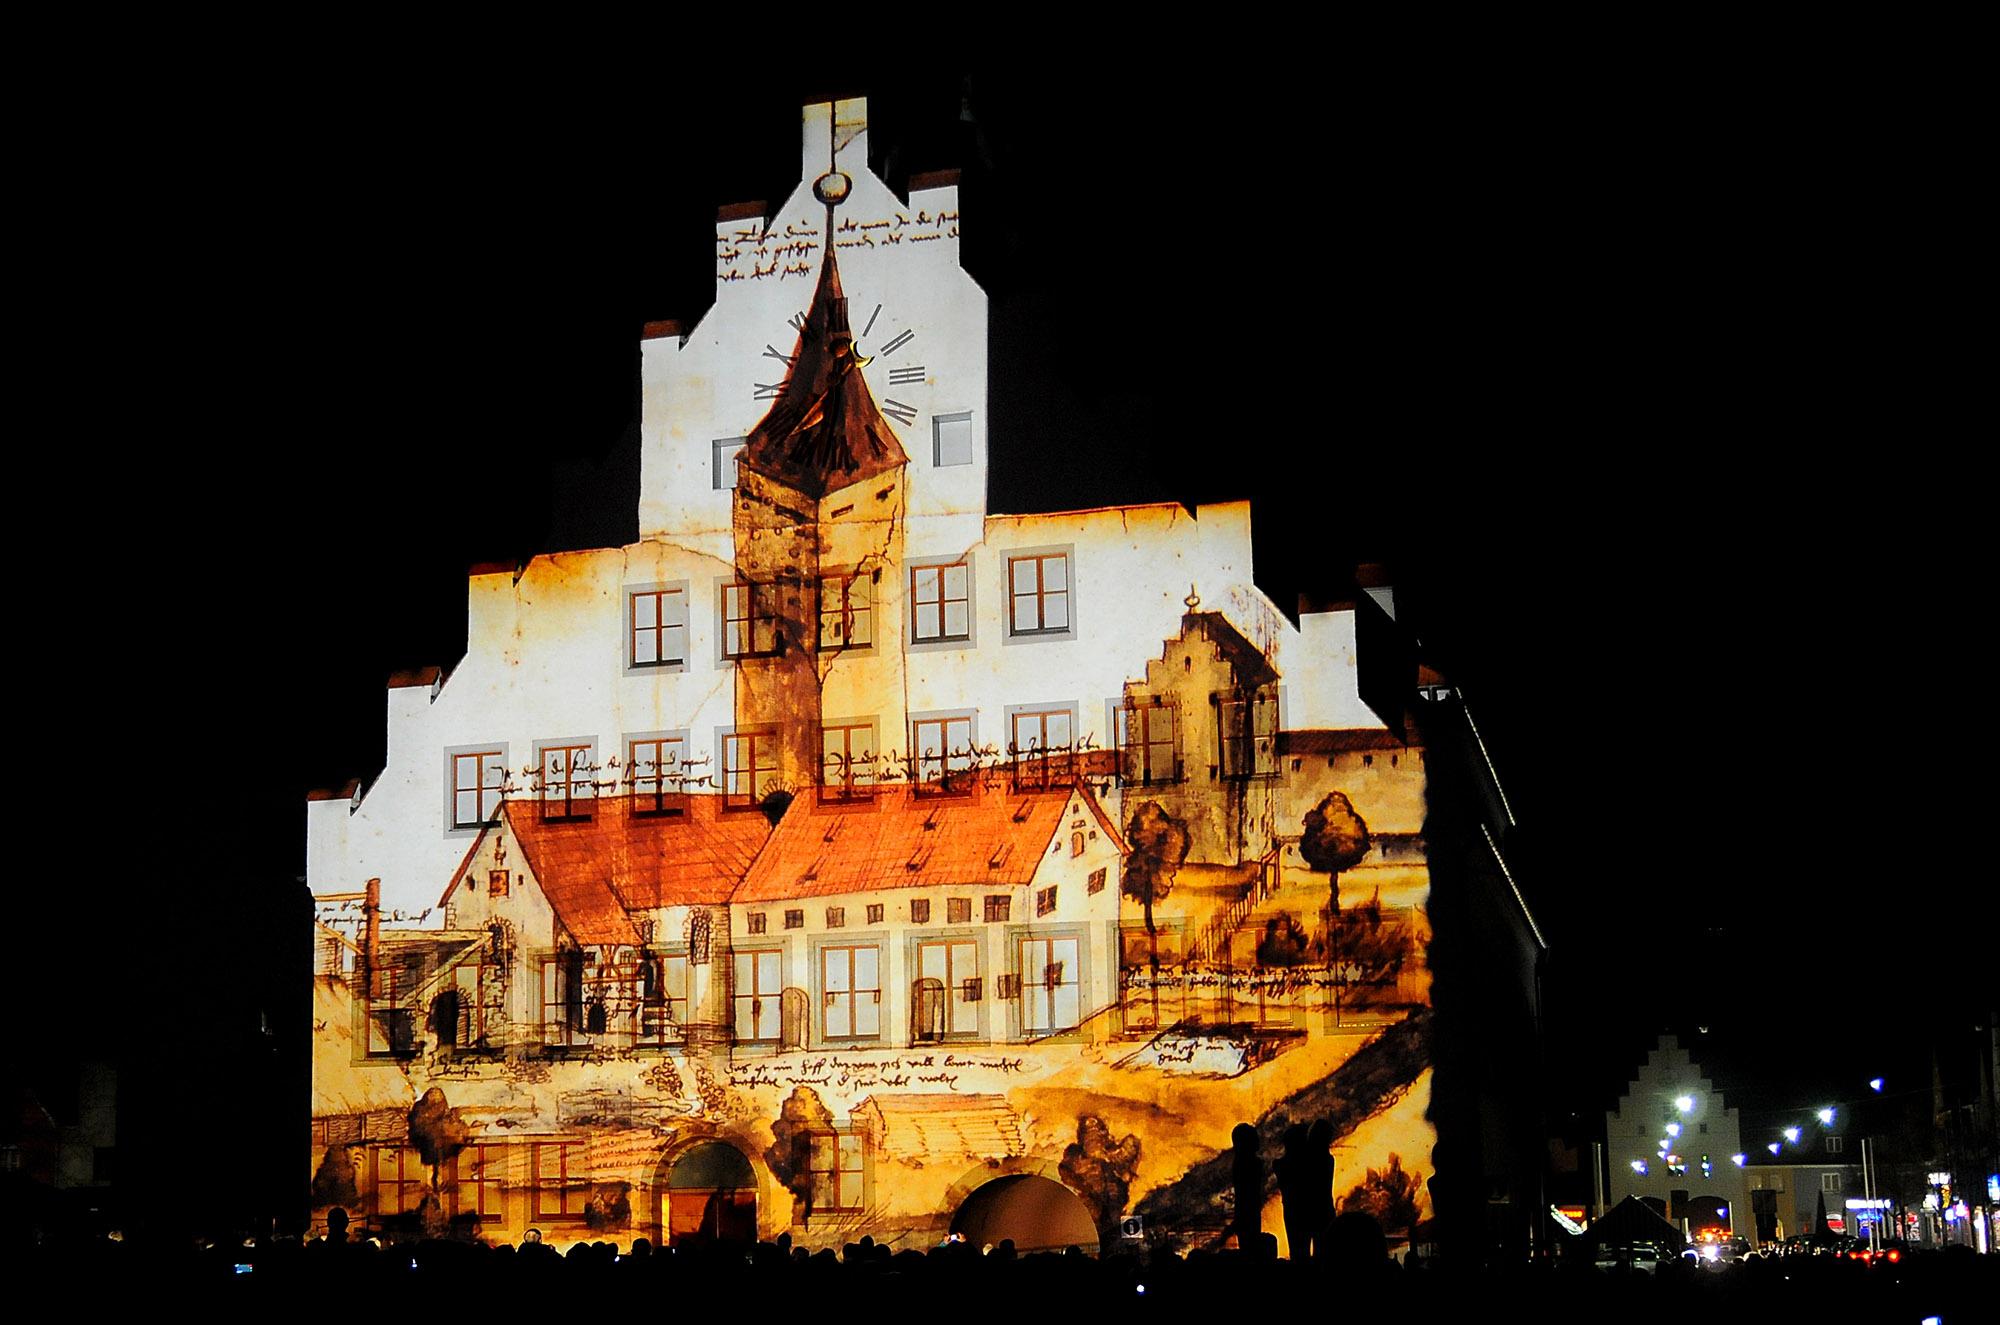 850JahreNeumarkt_Stadtgeschichte_2010_13.jpg